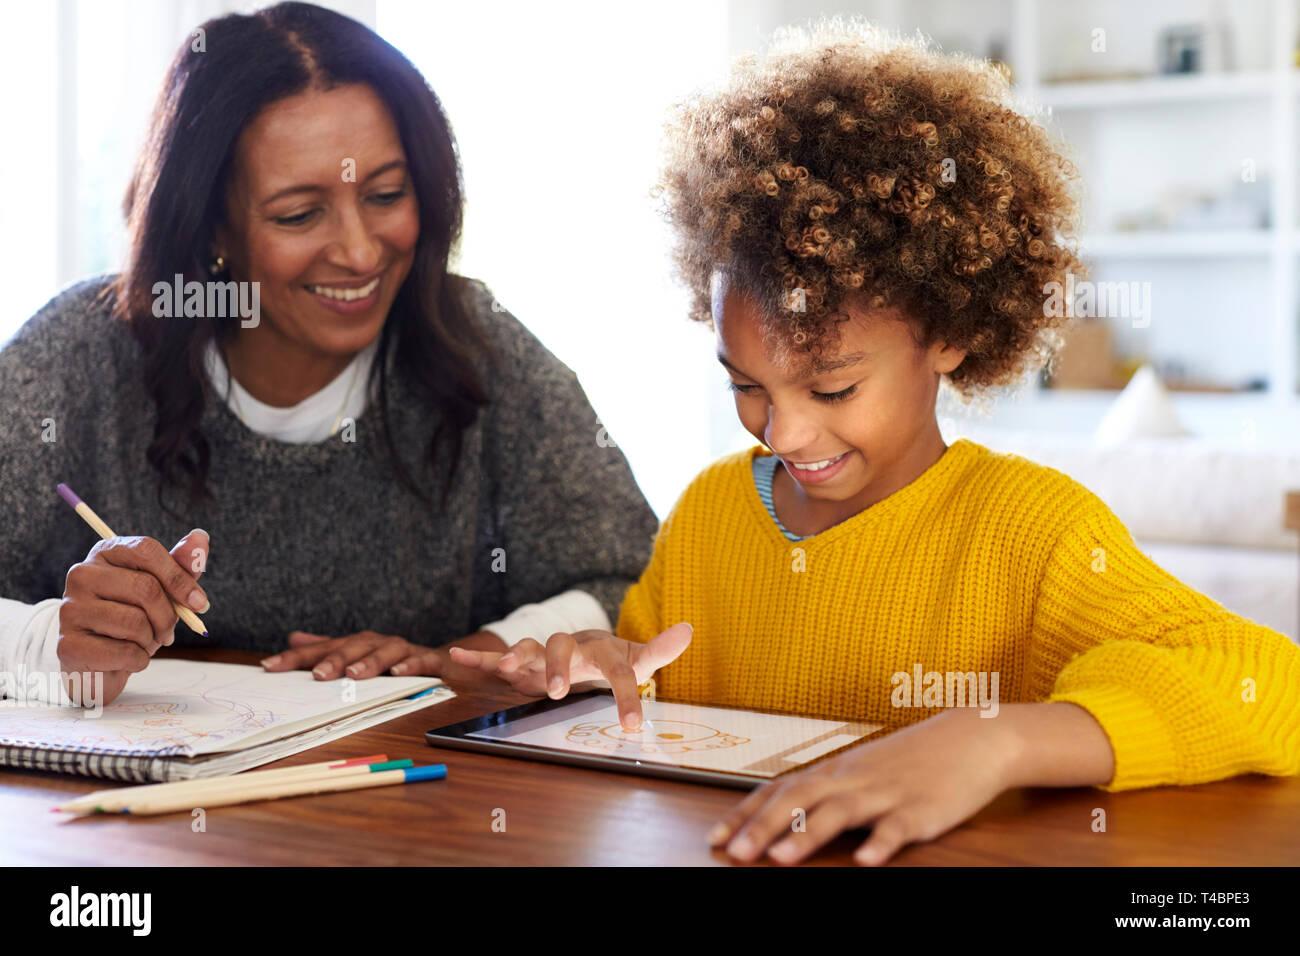 Gemischten Rennen junge Großmutter an den Tisch sitzen Hausaufgaben mit ihrer Enkelin über einen Tablet-PC, in der Nähe Stockfoto